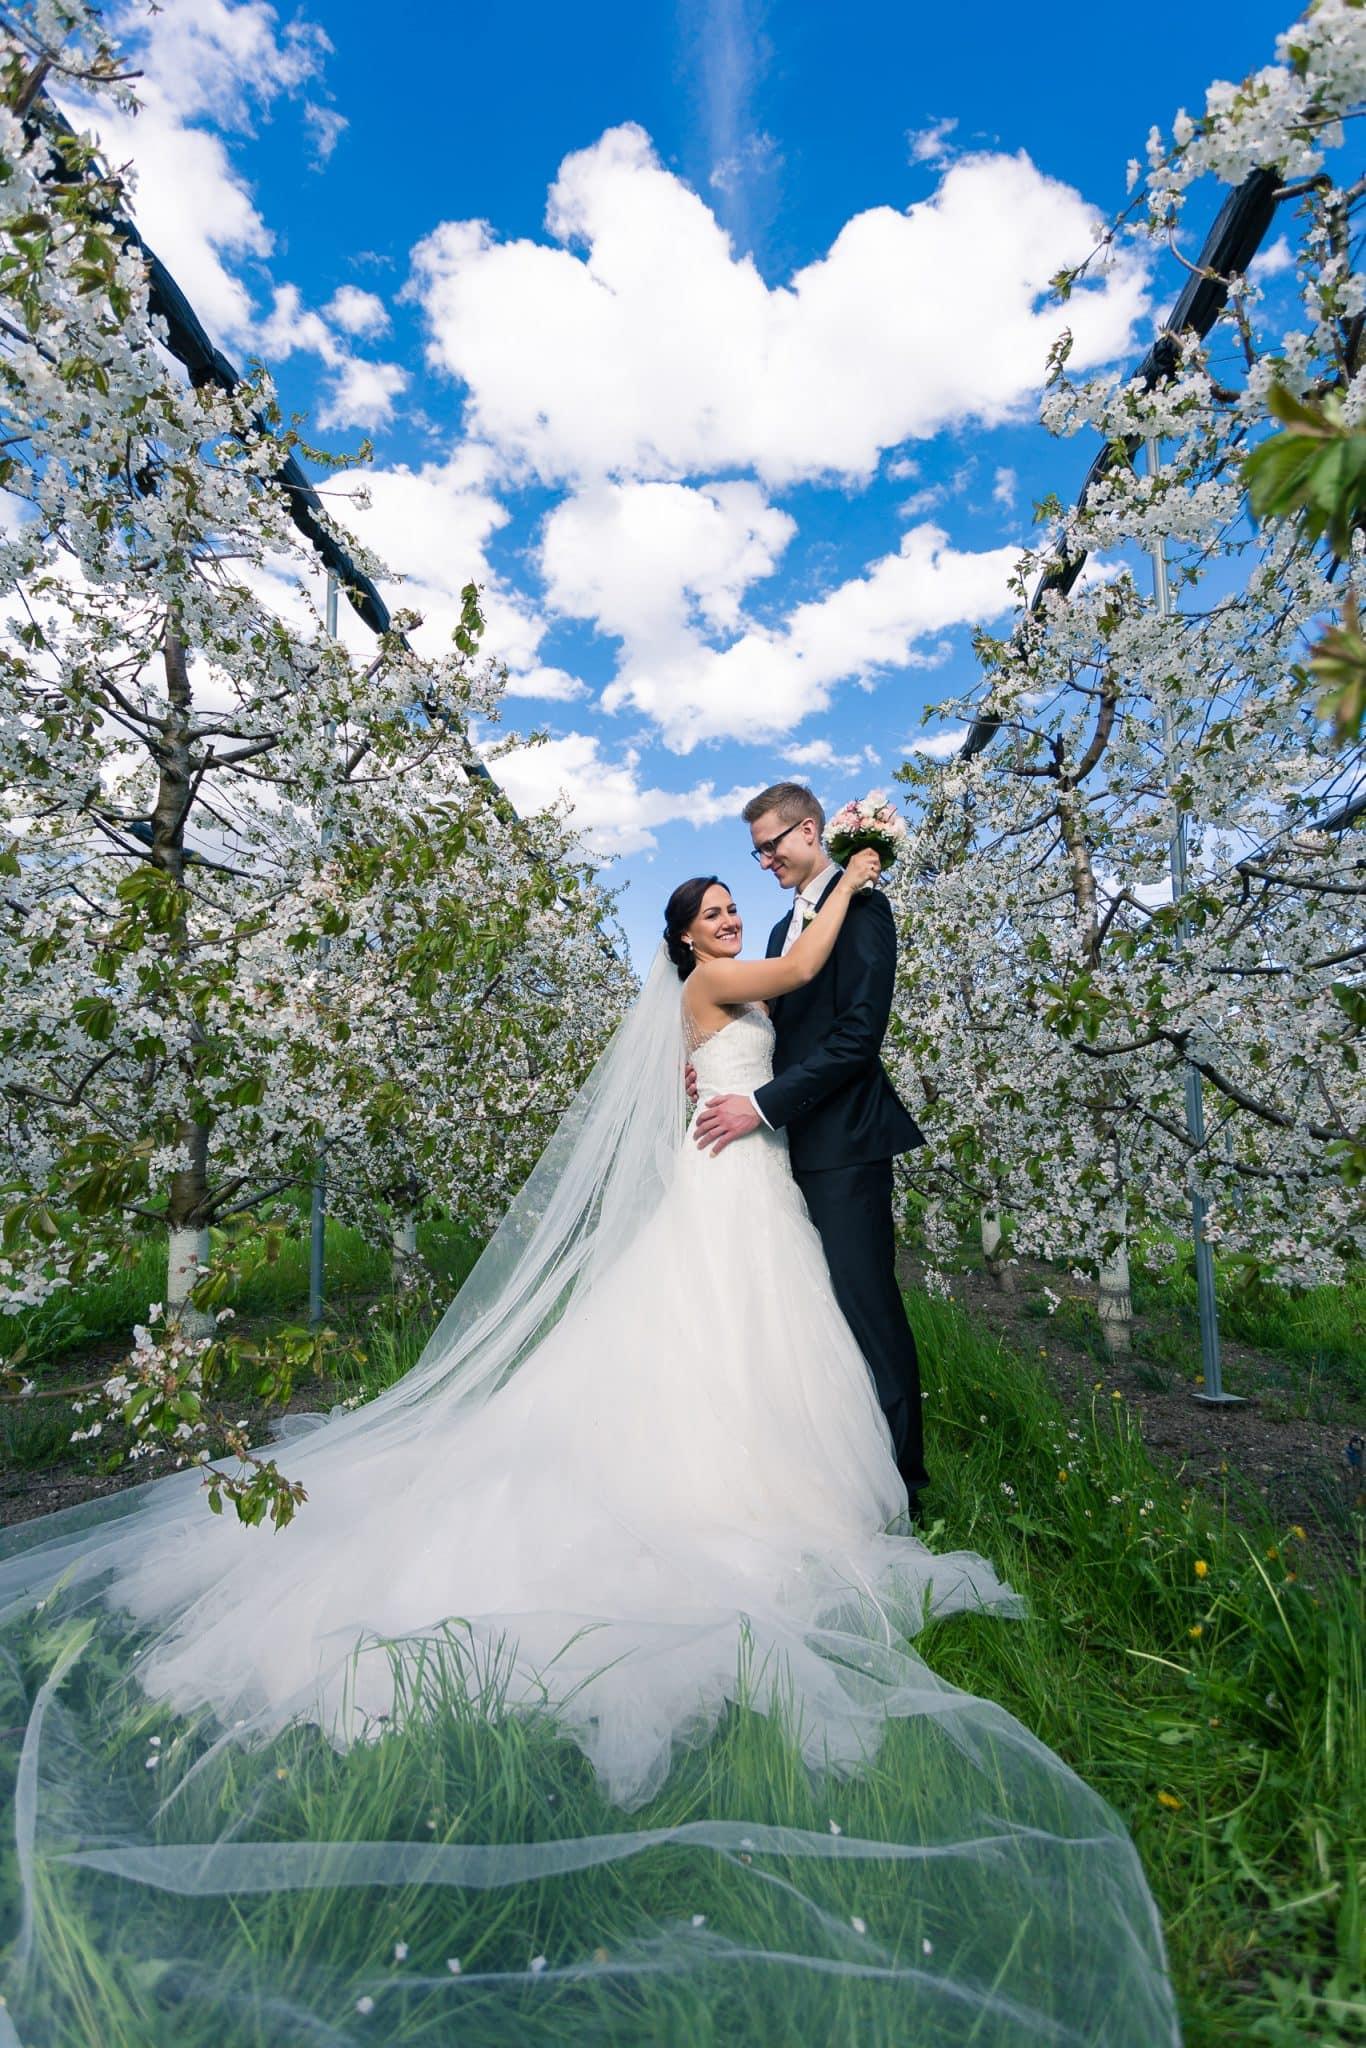 hochzeit_wedding_tirol_041_dianapeter_photography_hochzeitsfotografie_portraitfotografie_img_4449